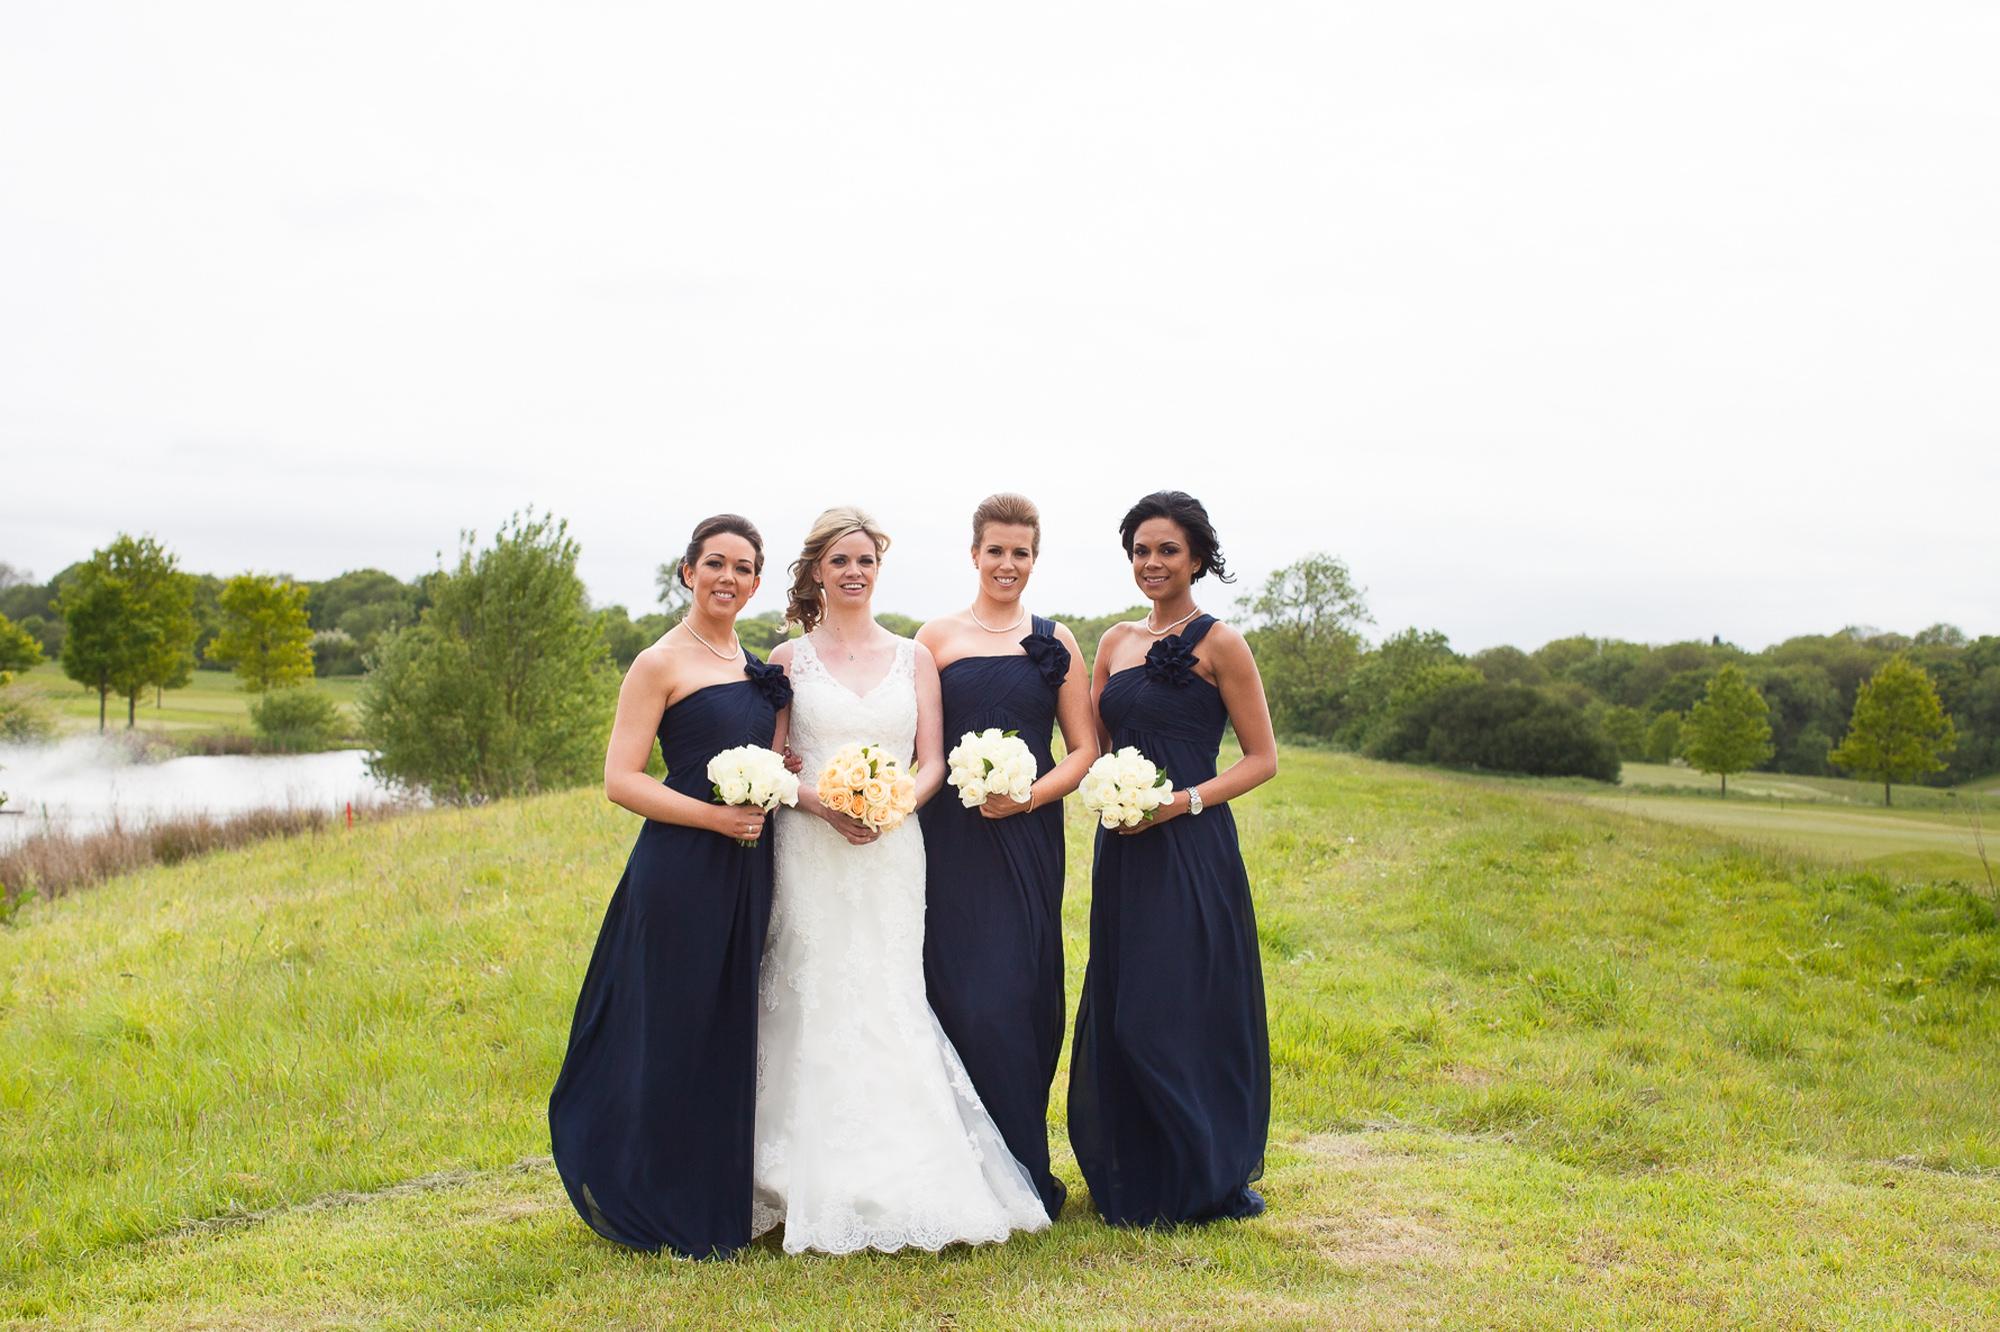 farleigh-golf-club-wedding-9